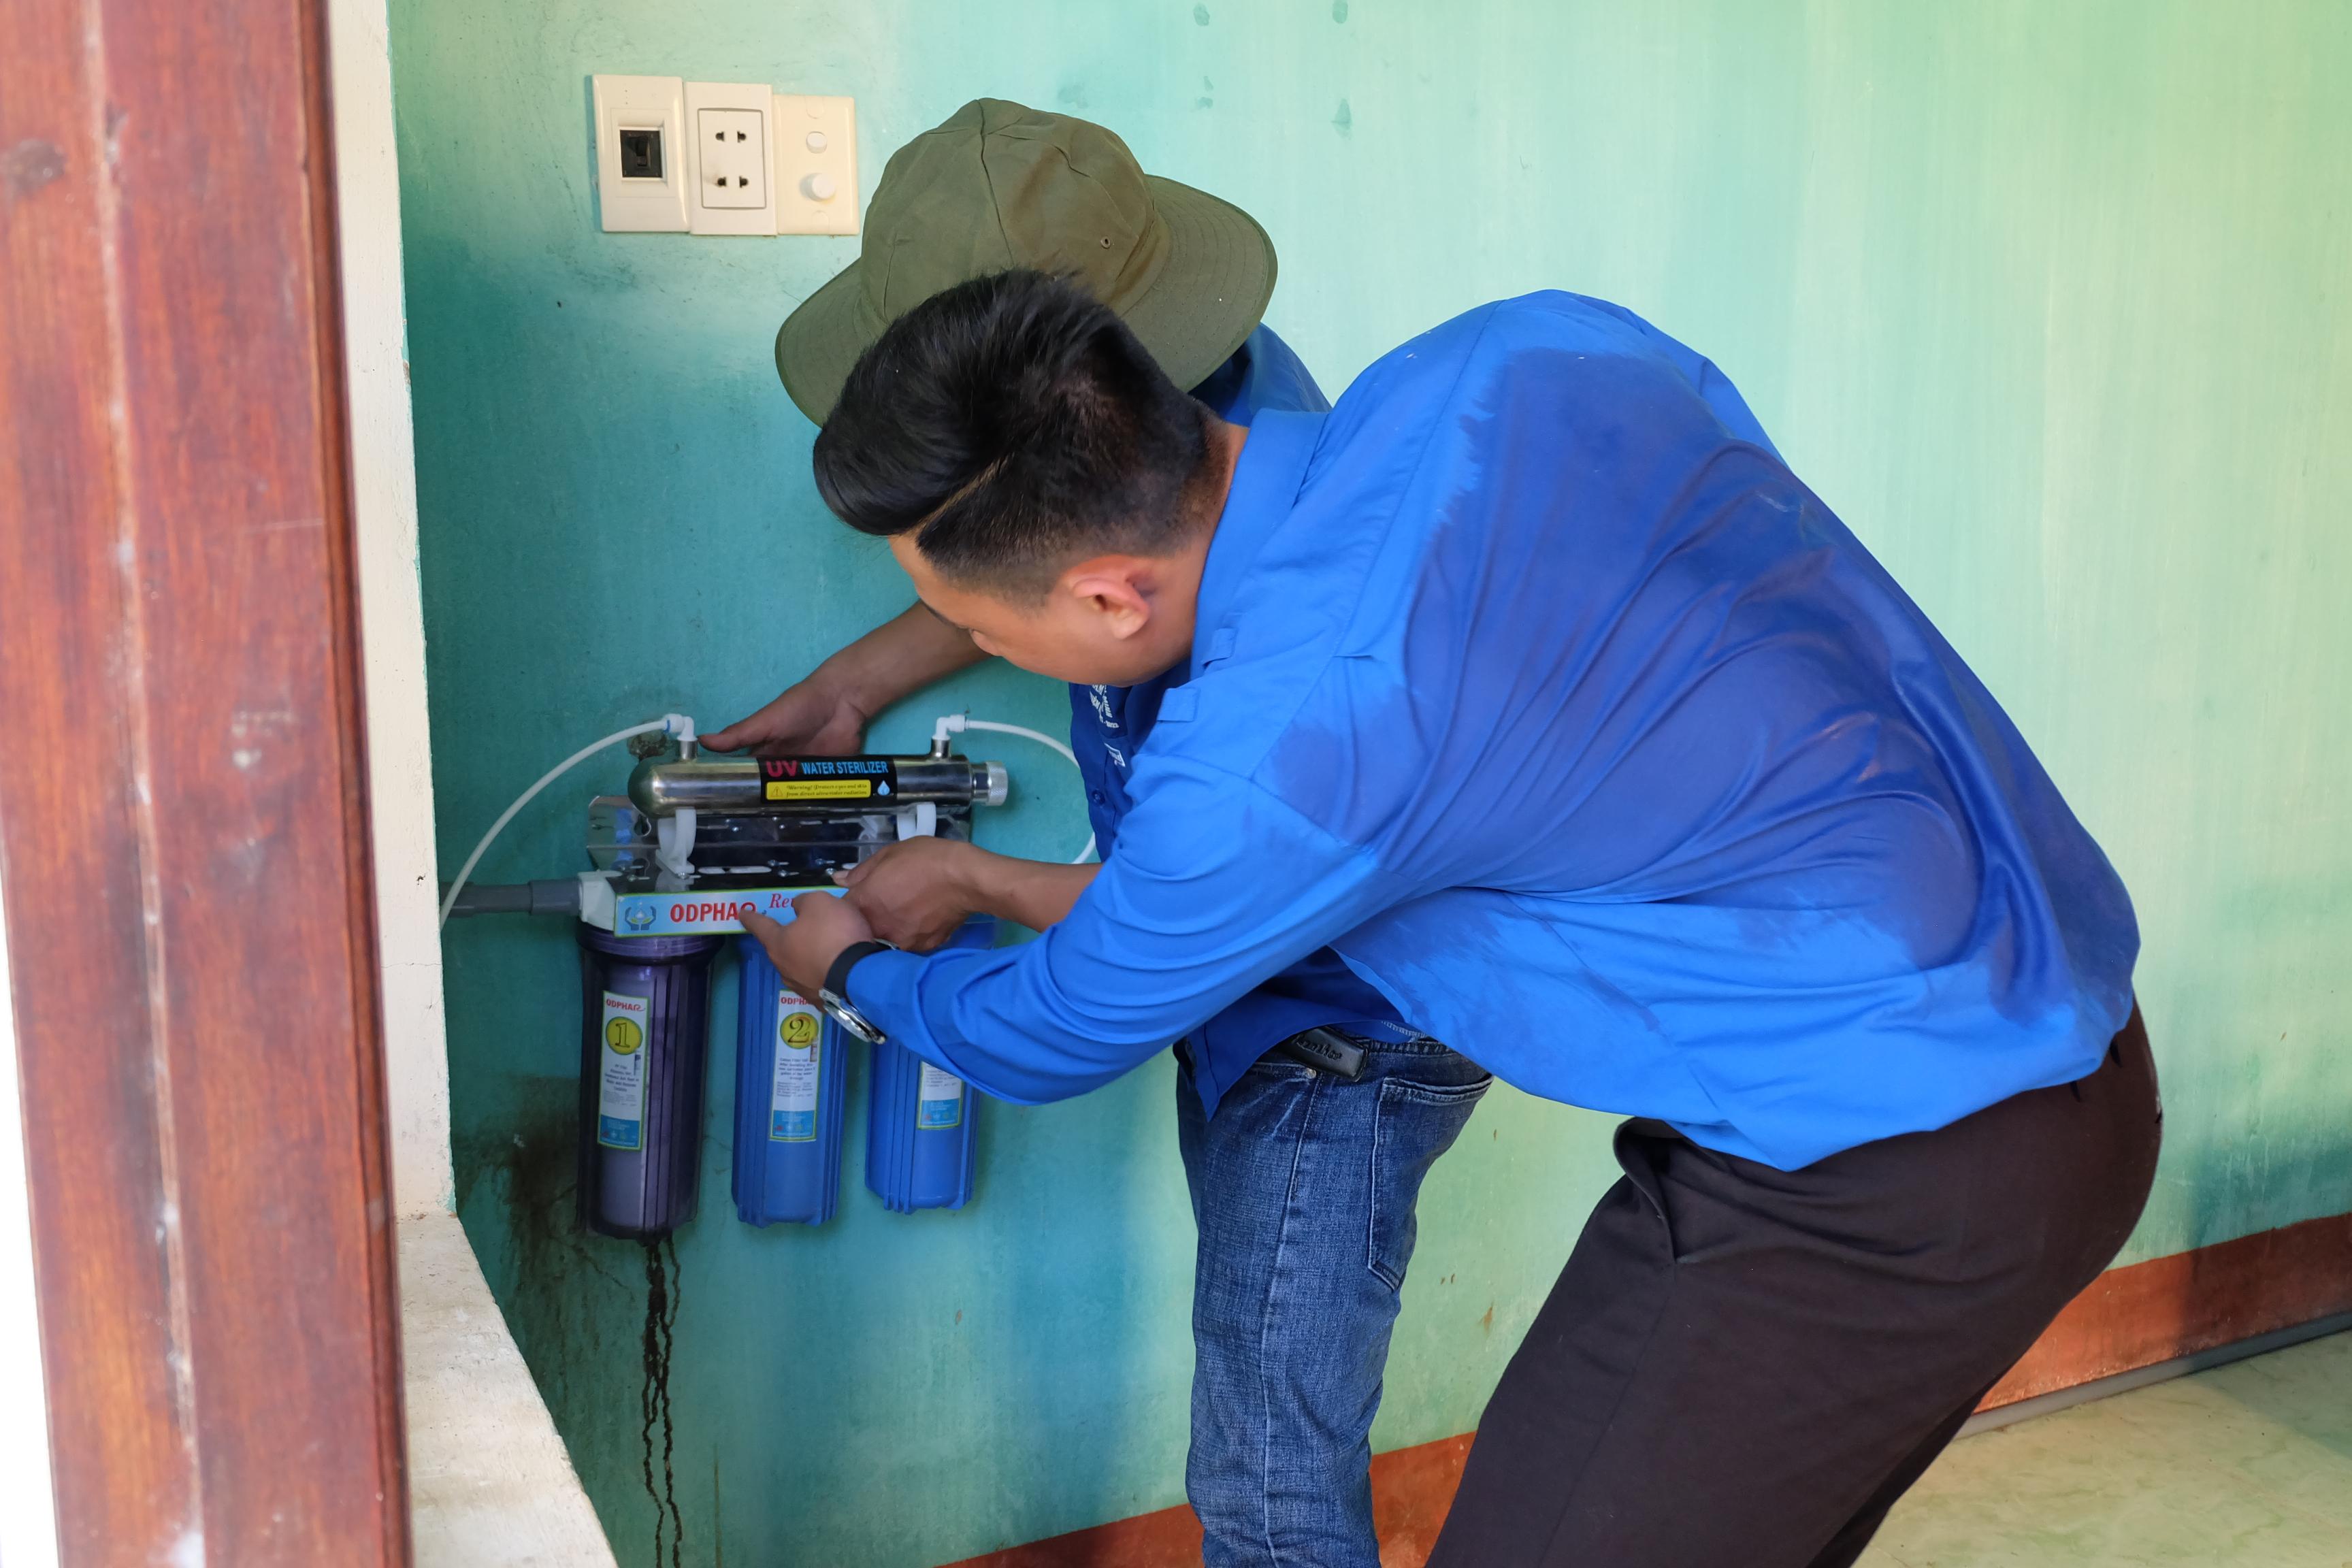 Lắp đặt hệ thống nước sạch RO tại Trường TH&THCS Trần Cao Vân, phân hiệu thôn An Mỹ, xã Thăng Phước. Ảnh: M.L